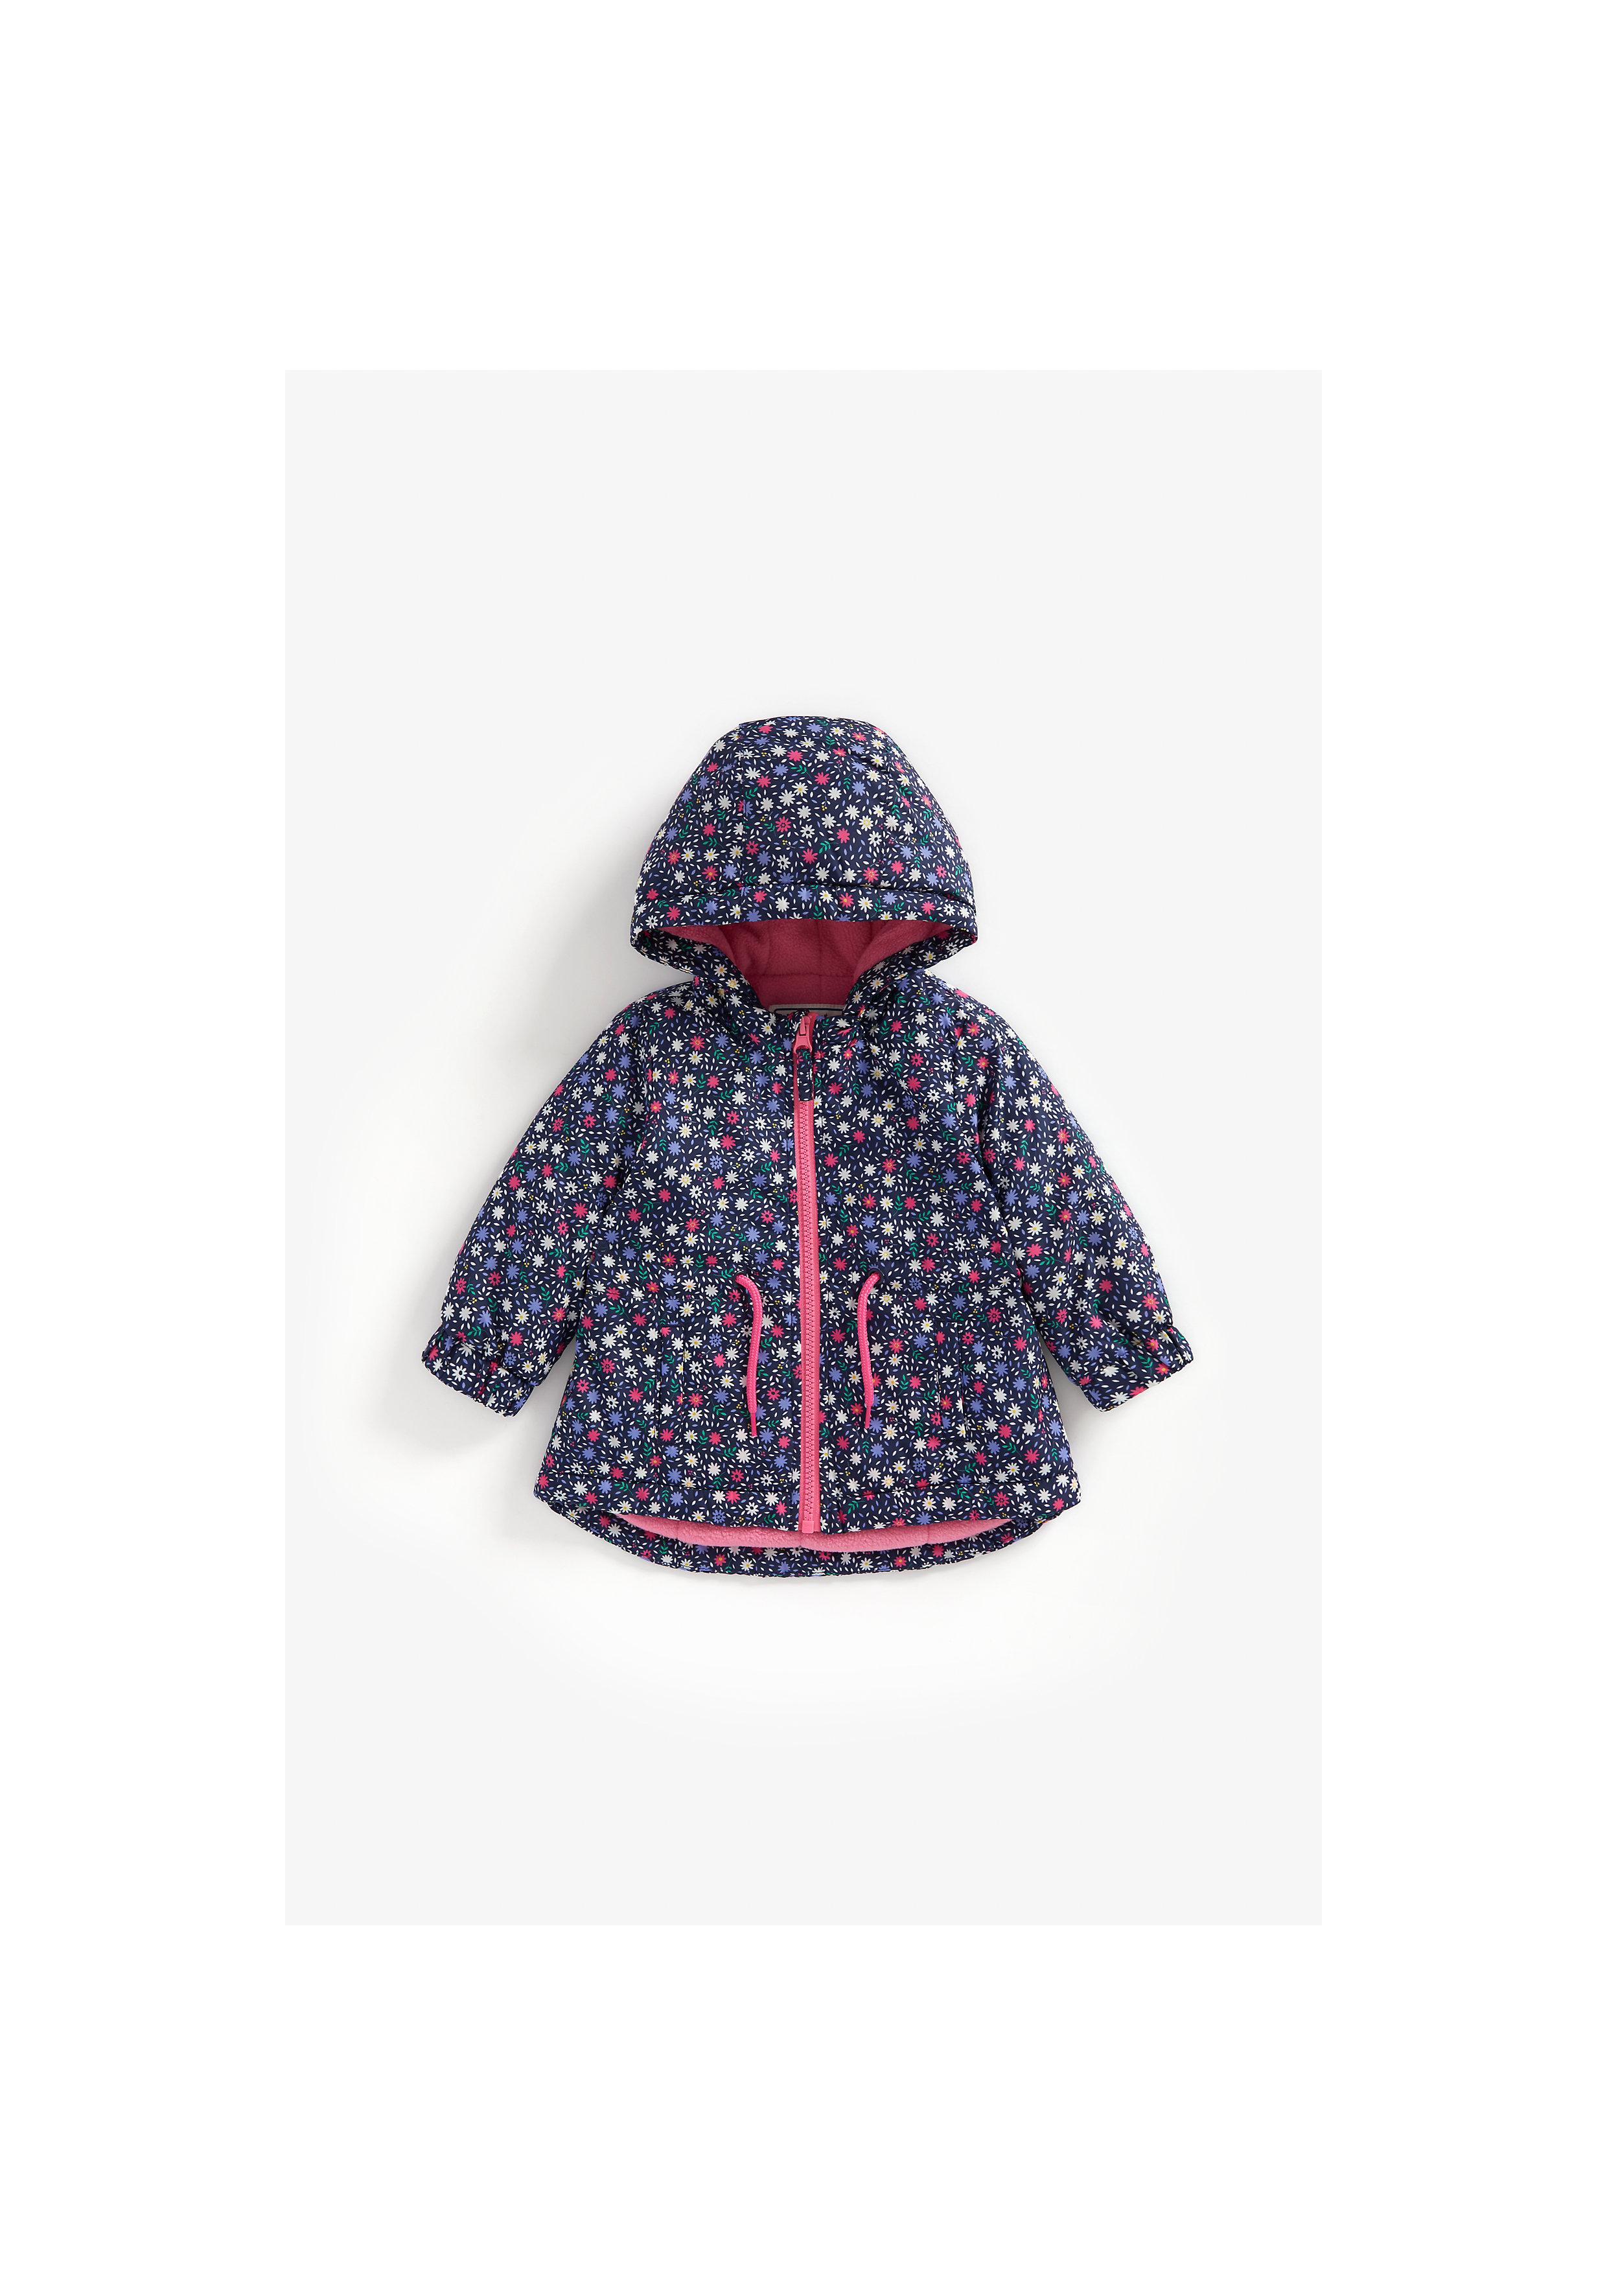 Mothercare | Girls Full Sleeves Fleece Lined Jacket Flower Print - Navy